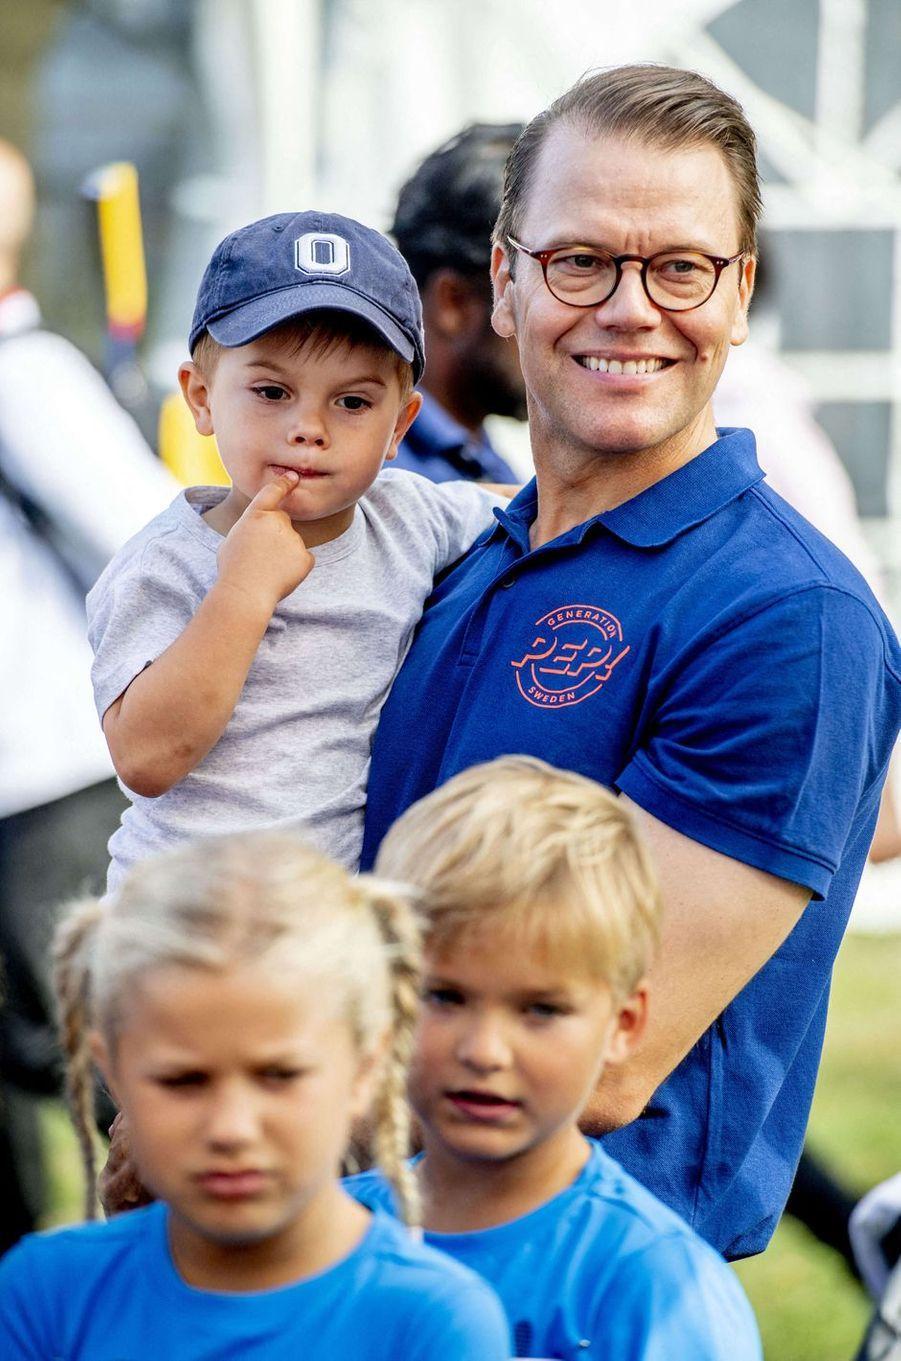 Les princes Oscar et Daniel de Suède à Solna, le 8 septembre 2019